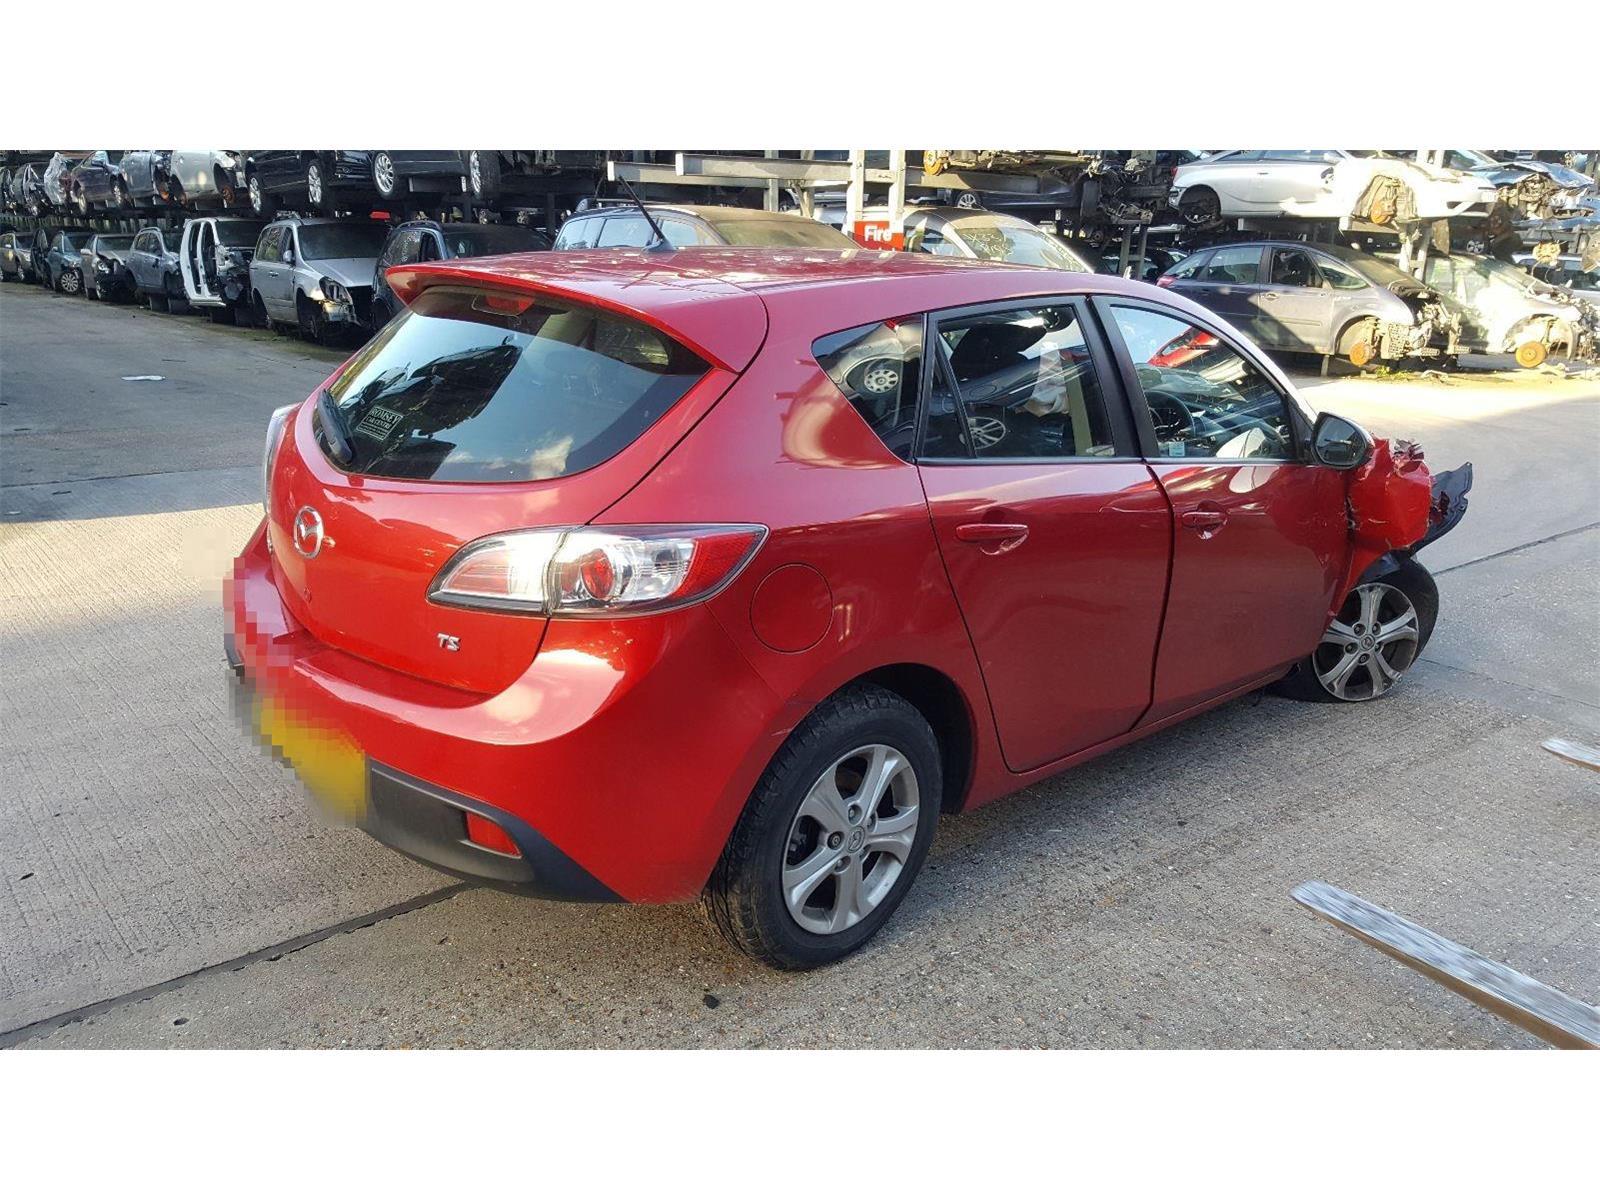 2009 Mazda 3 2008 To 2011 Ts 16l Manual Petrol Red Car Air Filter Fuel 1123 Parts Matching